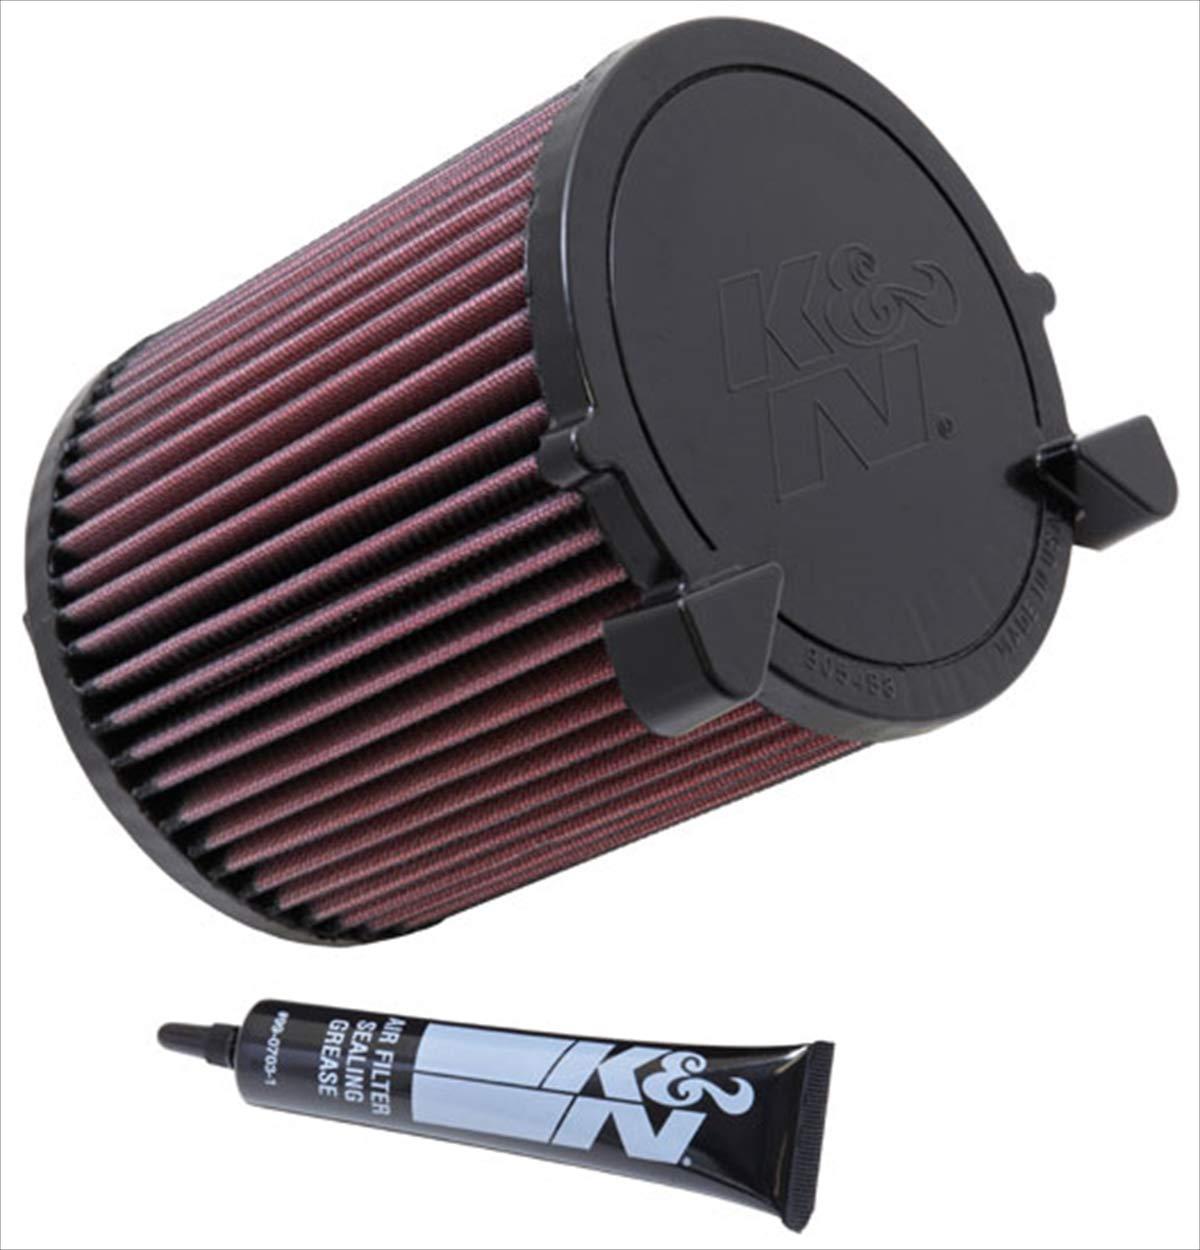 【並行輸入品】 K&N 純正交換 エアフィルター AUDI / VW 用 E-2014 型番 : E-2014  B000COC35E